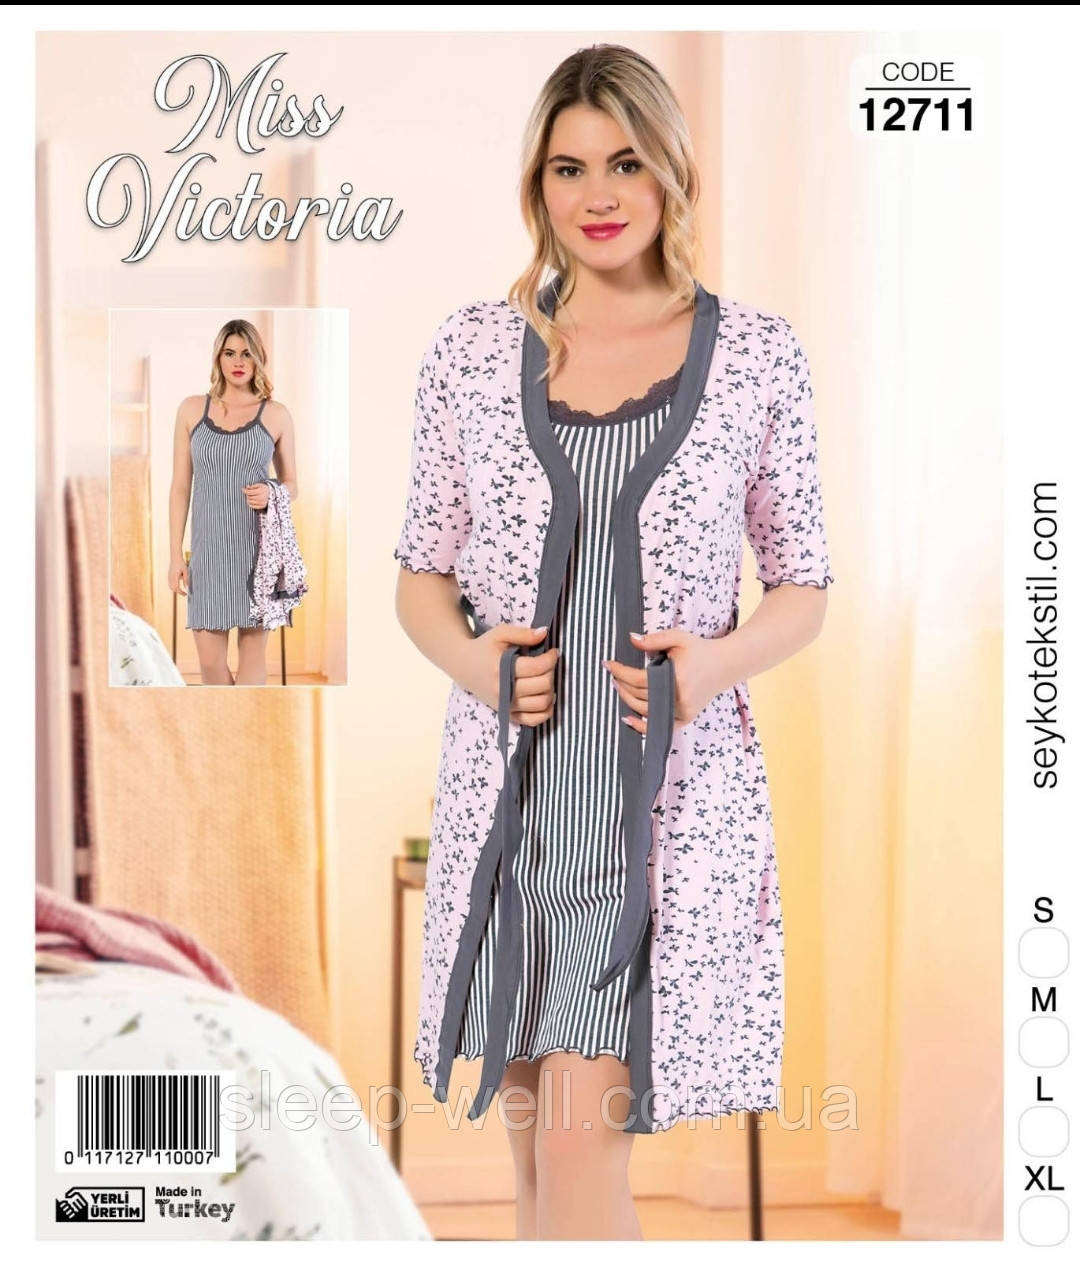 Комплект  халат с ночной рубашкой, Miss Victoria